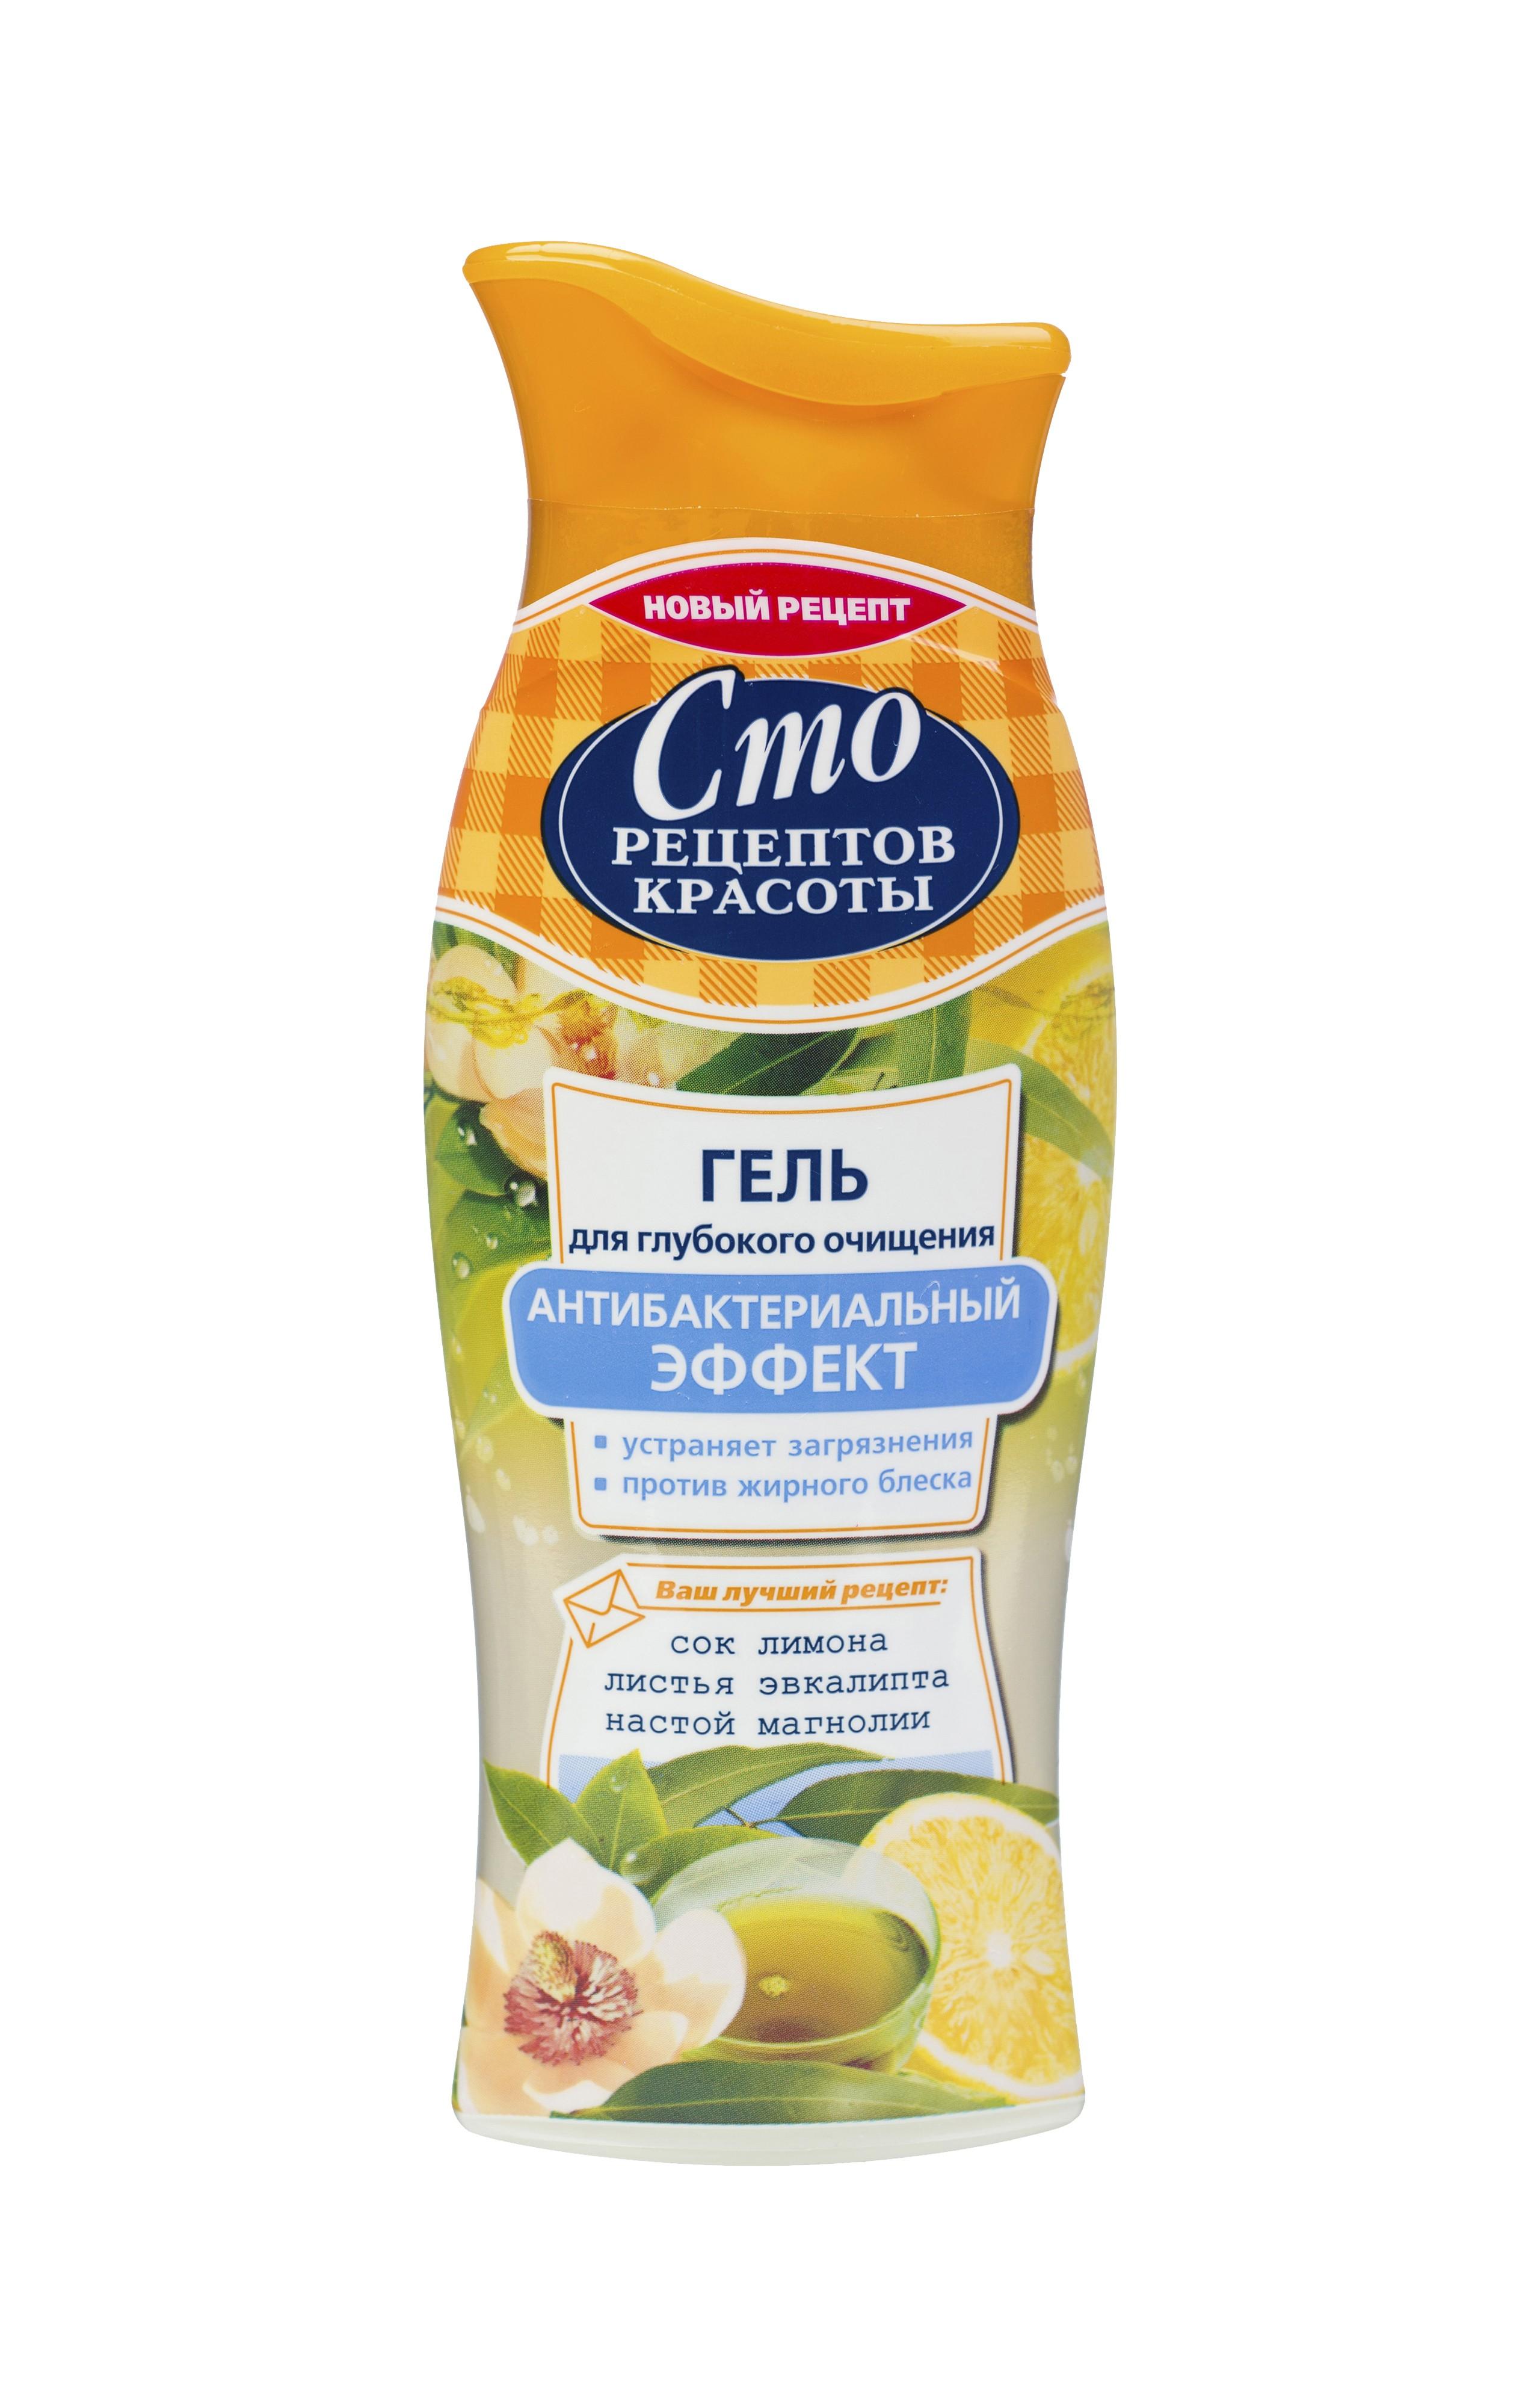 Сто рецептов красоты Гель для глубокого очищения Антибактериальный эффект 100 мл110257231Гель для глубокого очищения на основе лимонного сока, настоя эвкалипта и сока огурца обладает усиленным антибактериальным эффектом. Активные компоненты геля эффективно очищают кожу от загрязнений, оказывают антисептическое действие, тонизируют и освежают. Результат: чистая, красивая кожа, сияющая здоровьем!